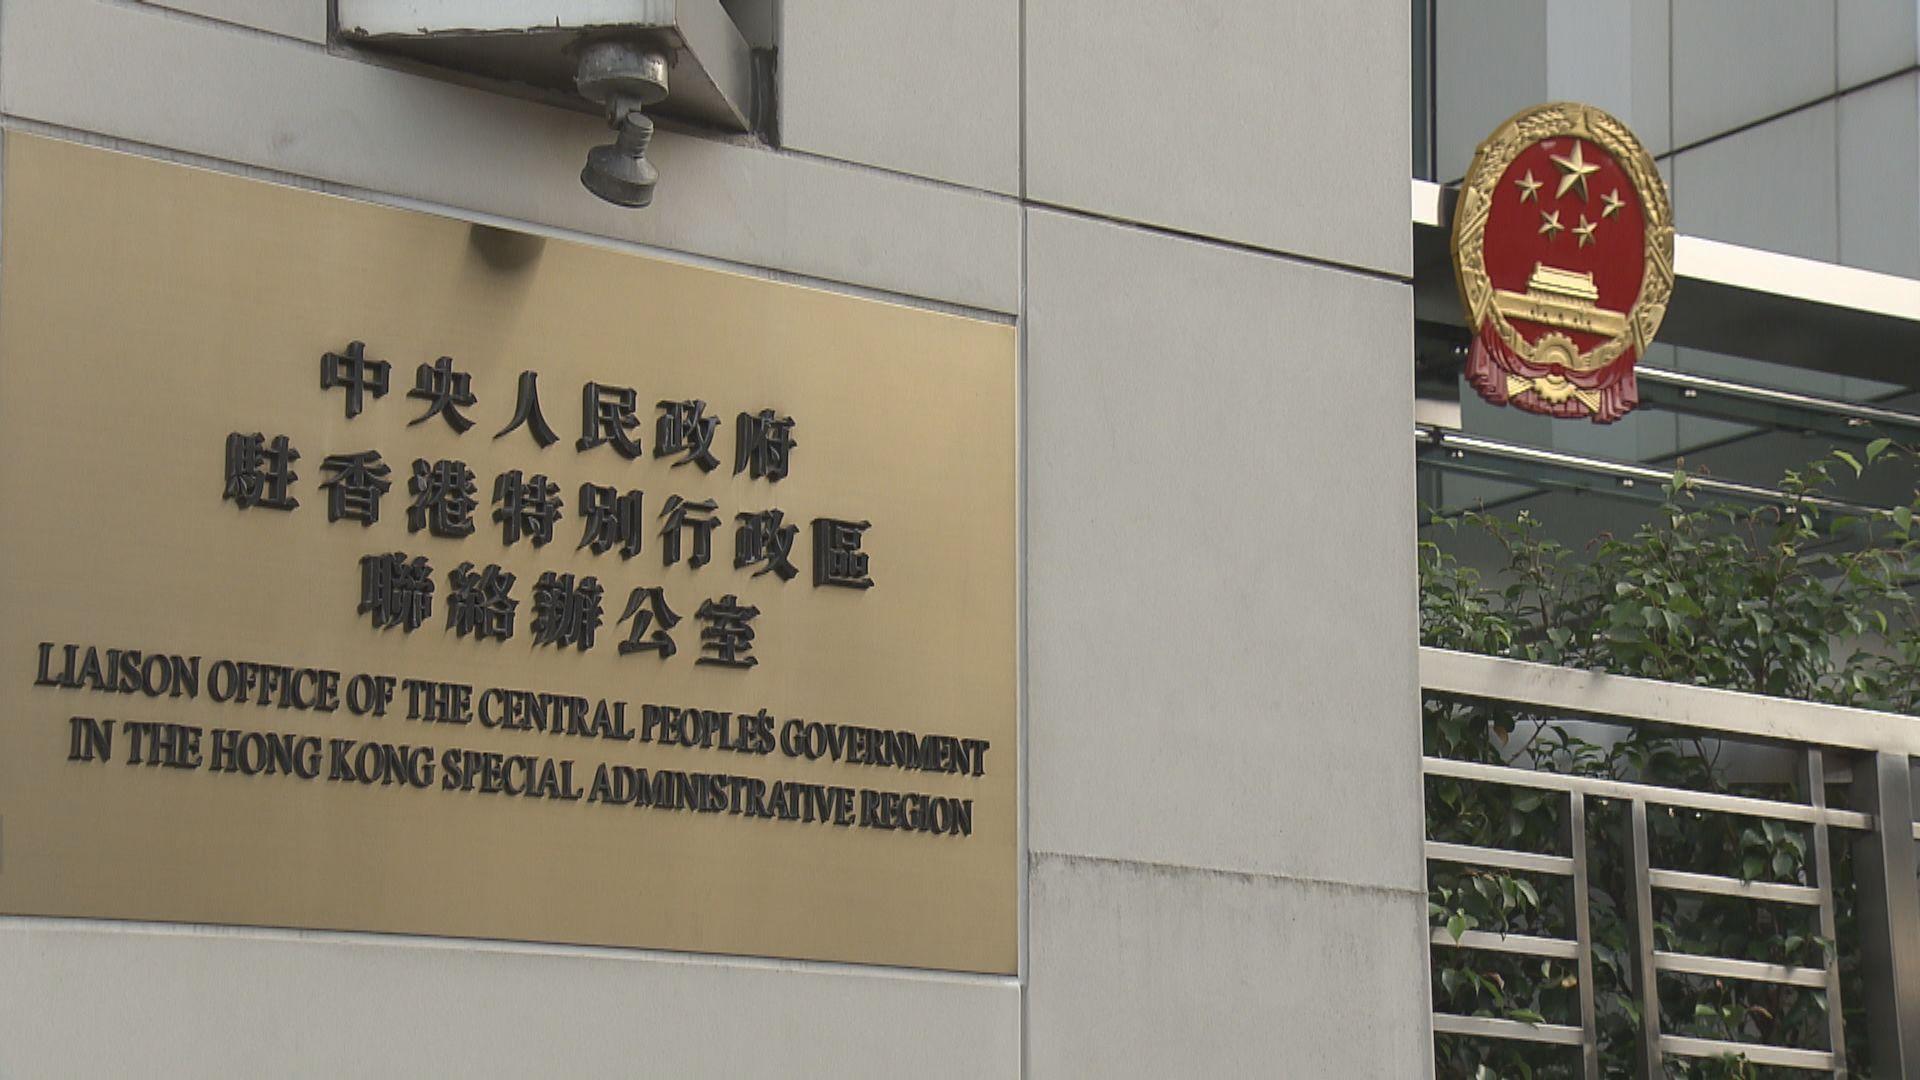 政府指中聯辦出席本港活動是履行在香港職能